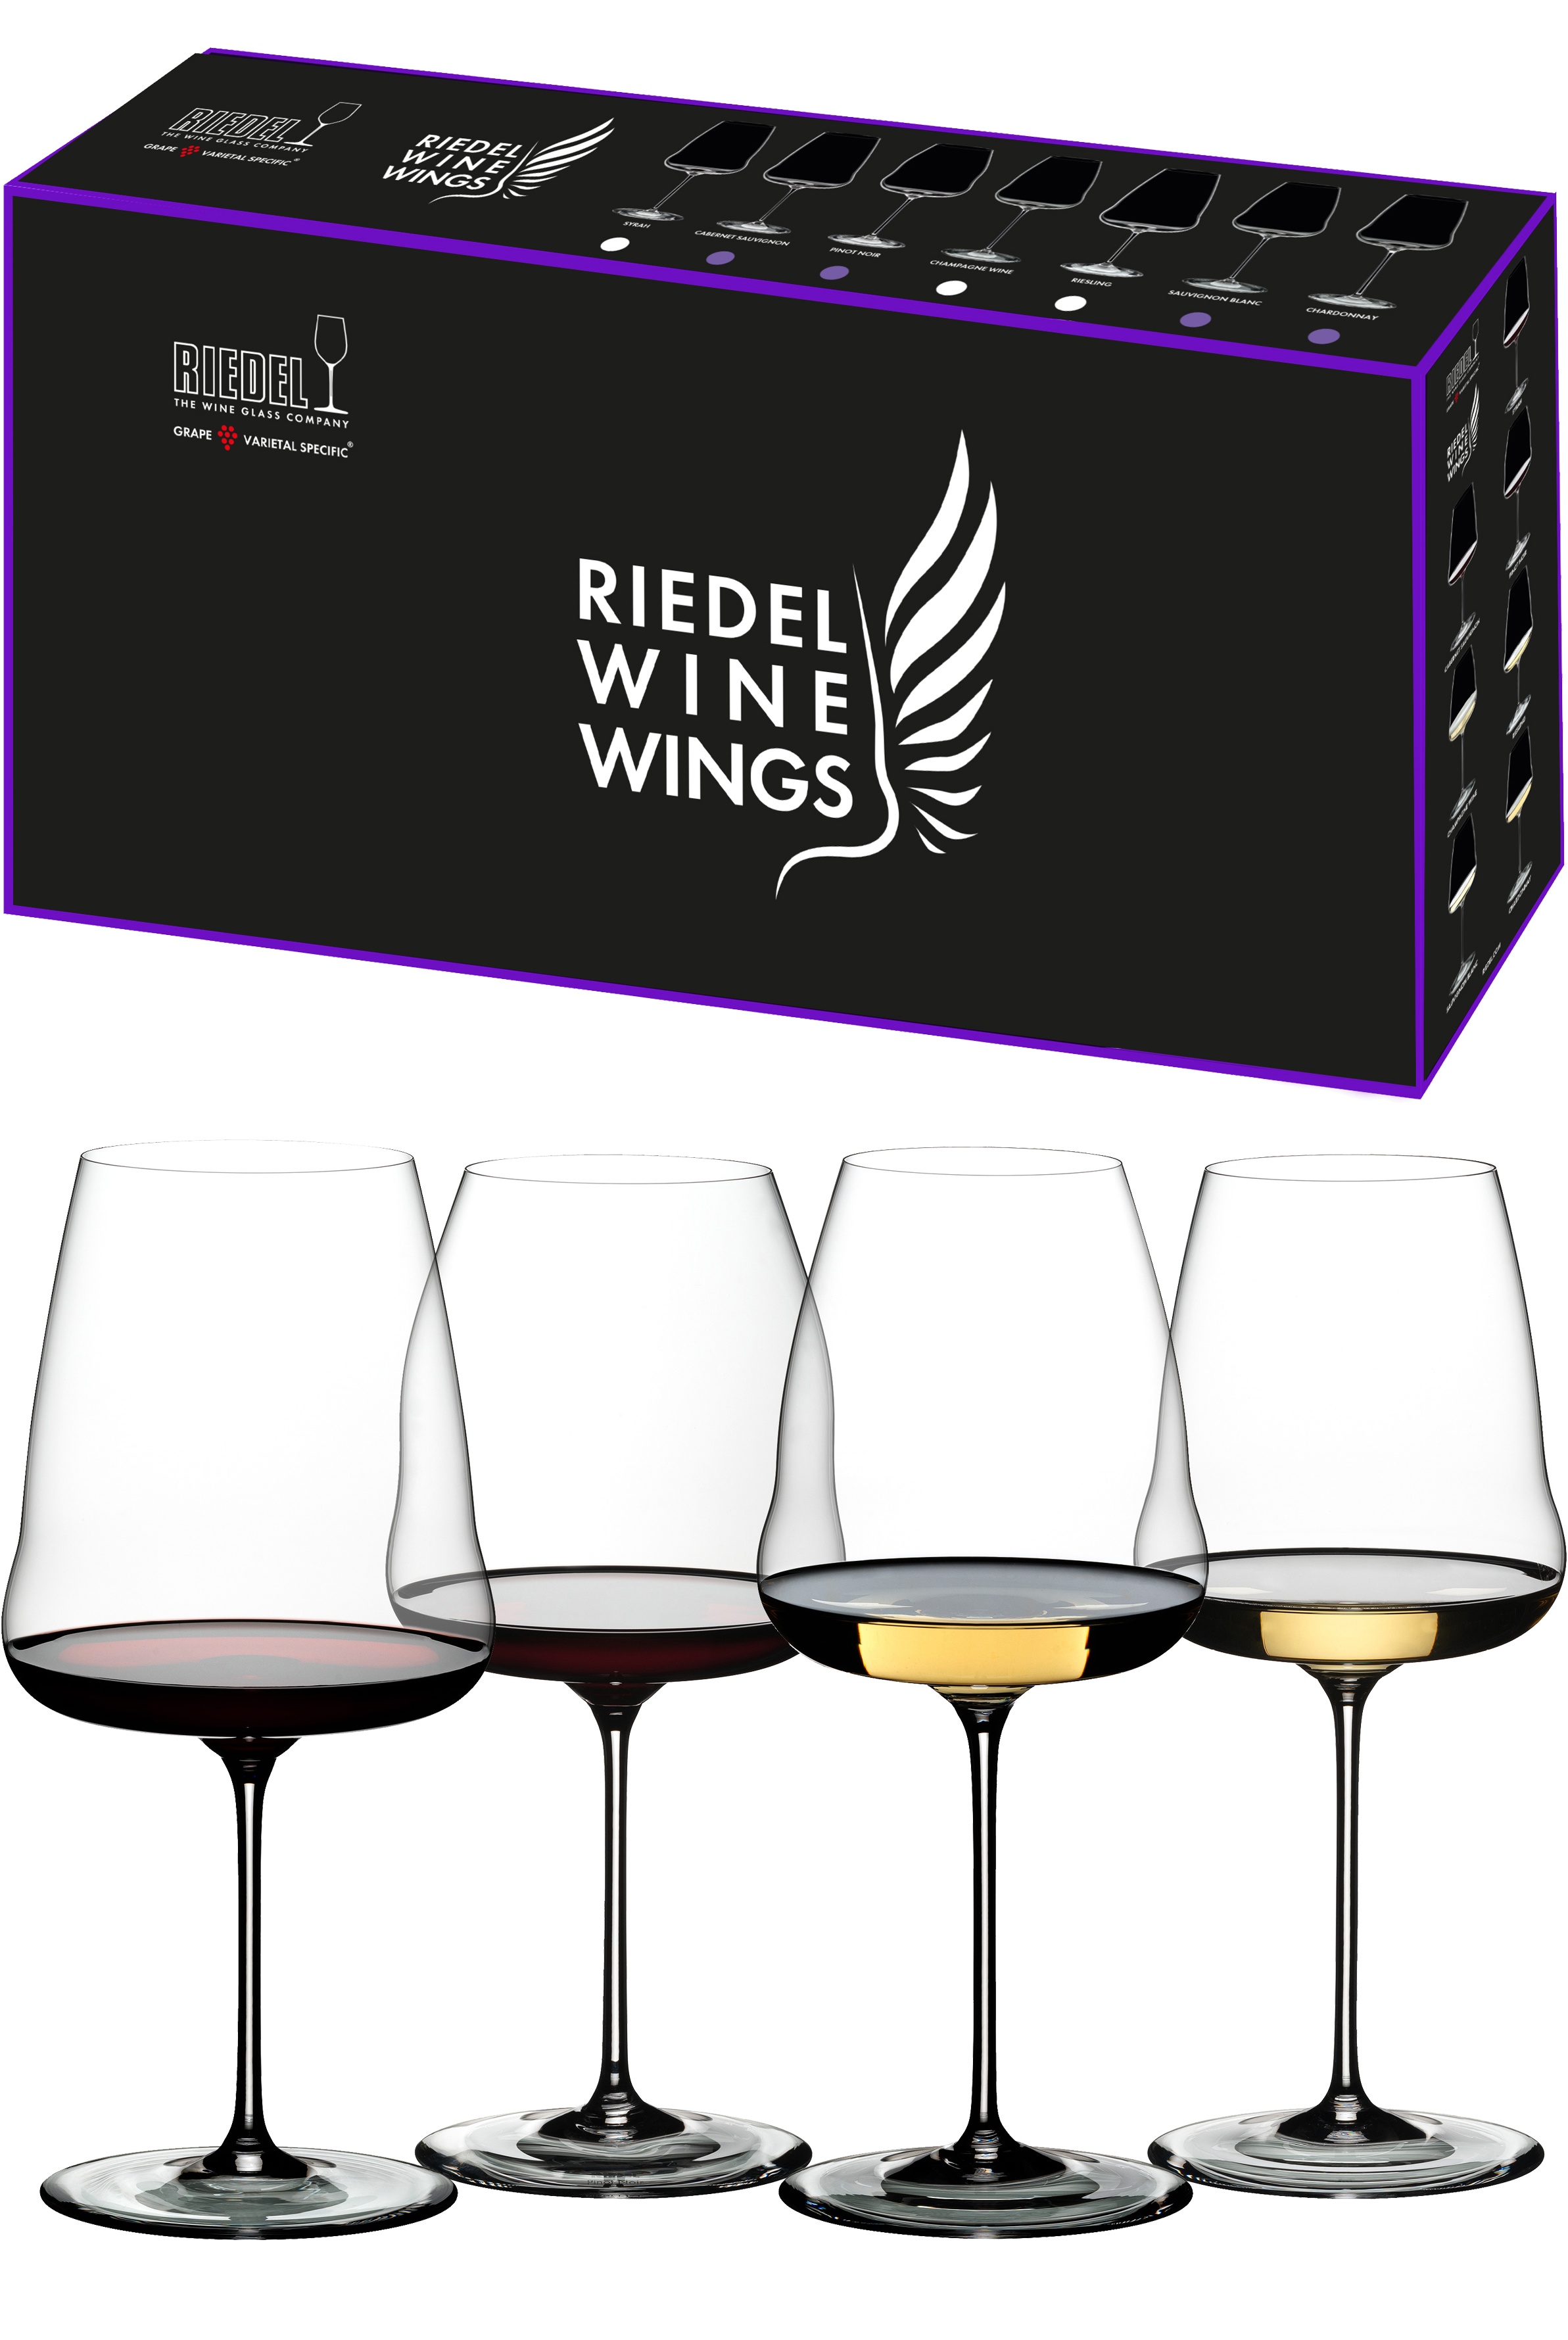 Riedel Winewings Tasting Set wijnglazen (set van 4 voor € 104,00)